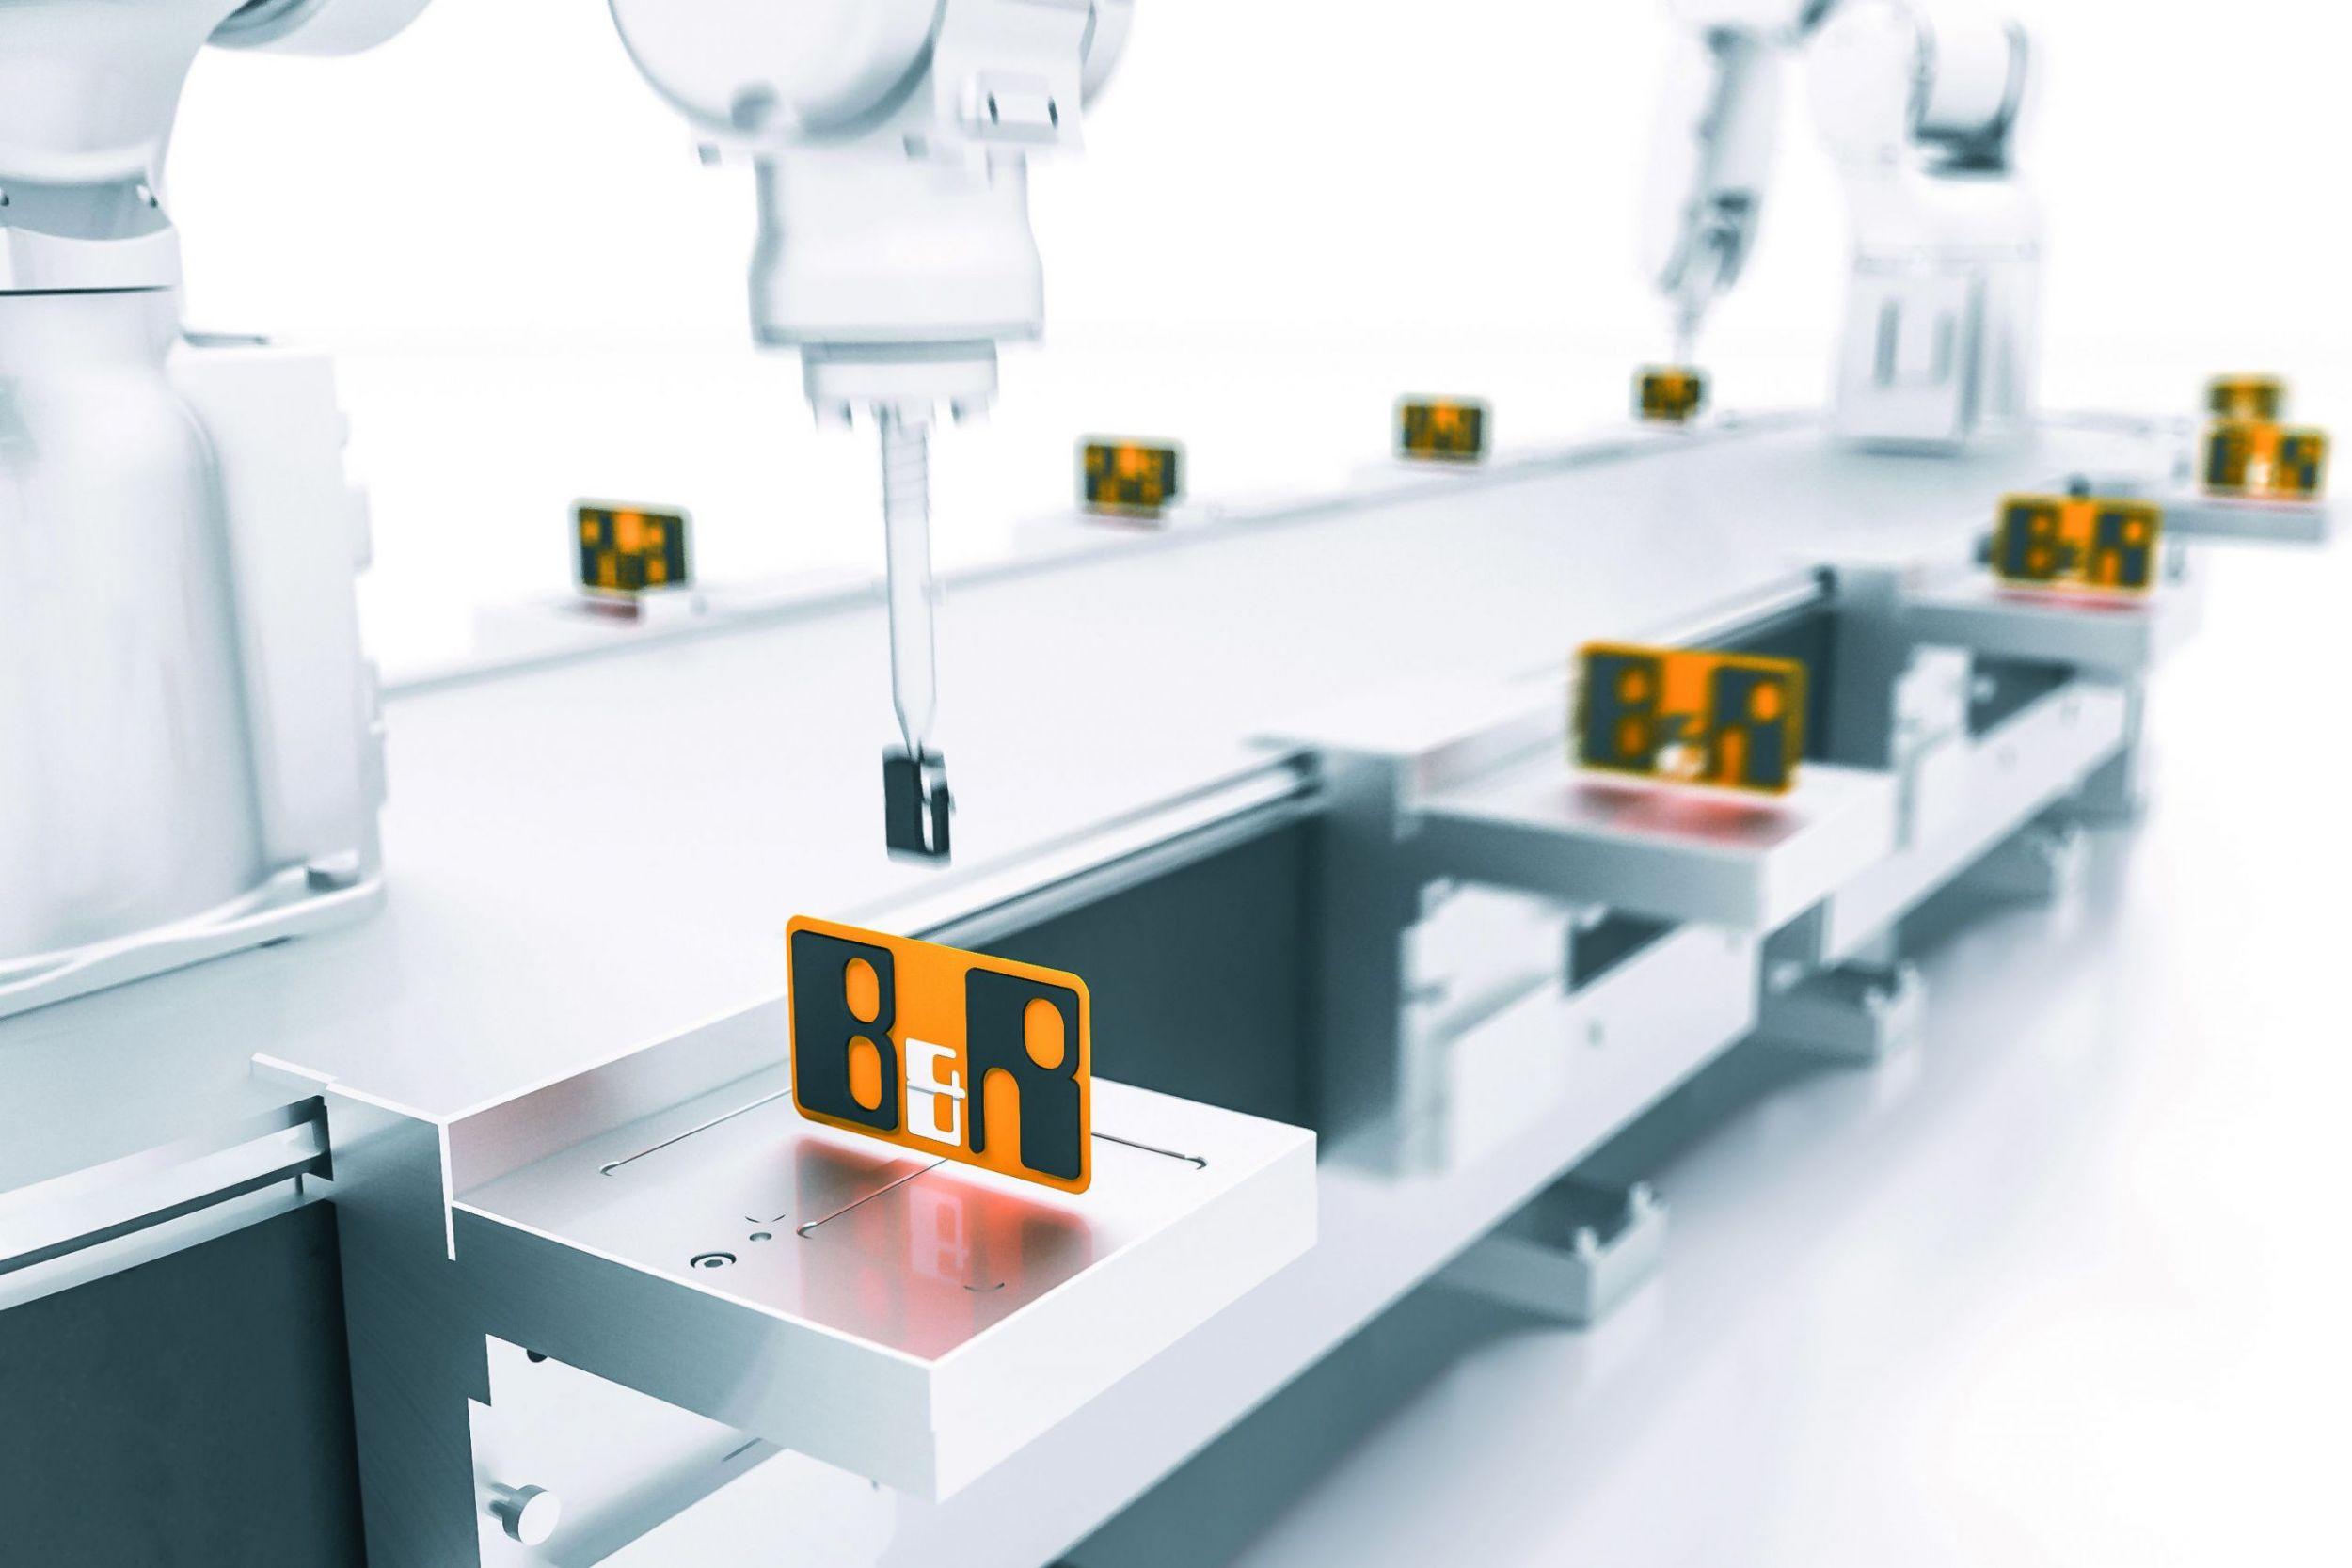 B&R präsentiert intelligentes Transportsystem für Industrie 4.0 auf der SPS IPC Drives